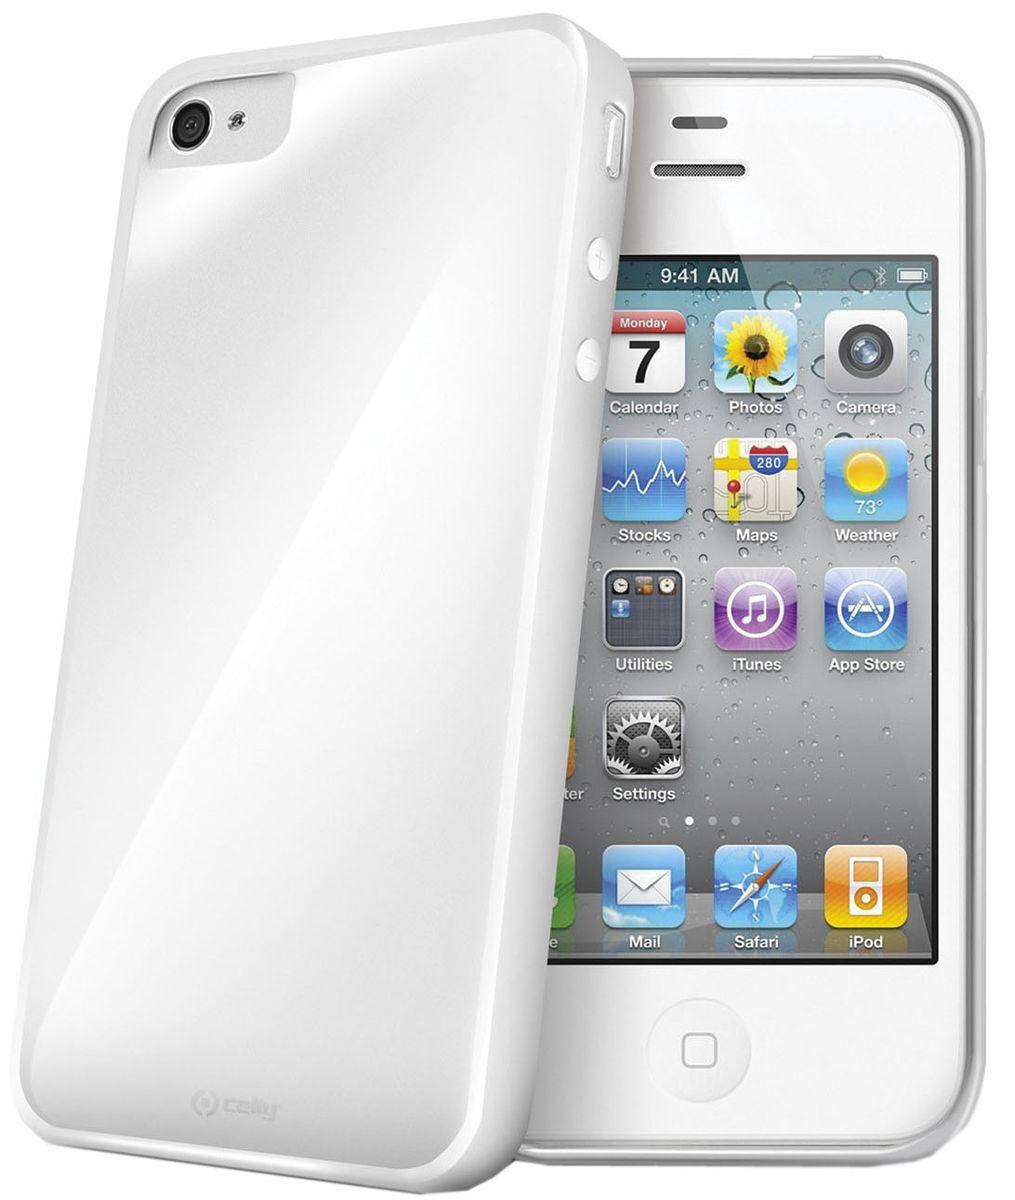 Celly Gelskin чехол для Samsung Galaxy J3 (2017), ClearGELSKIN663Прозрачный эластичный чехол-накладка Celly Gelskin выполнен из противоударного термопластичного полиуретана. Идеальное эргономичное решение для защиты вашего смартфона. Благодаря толщине 0,7 мм он практически не увеличивает размер вашего телефона.